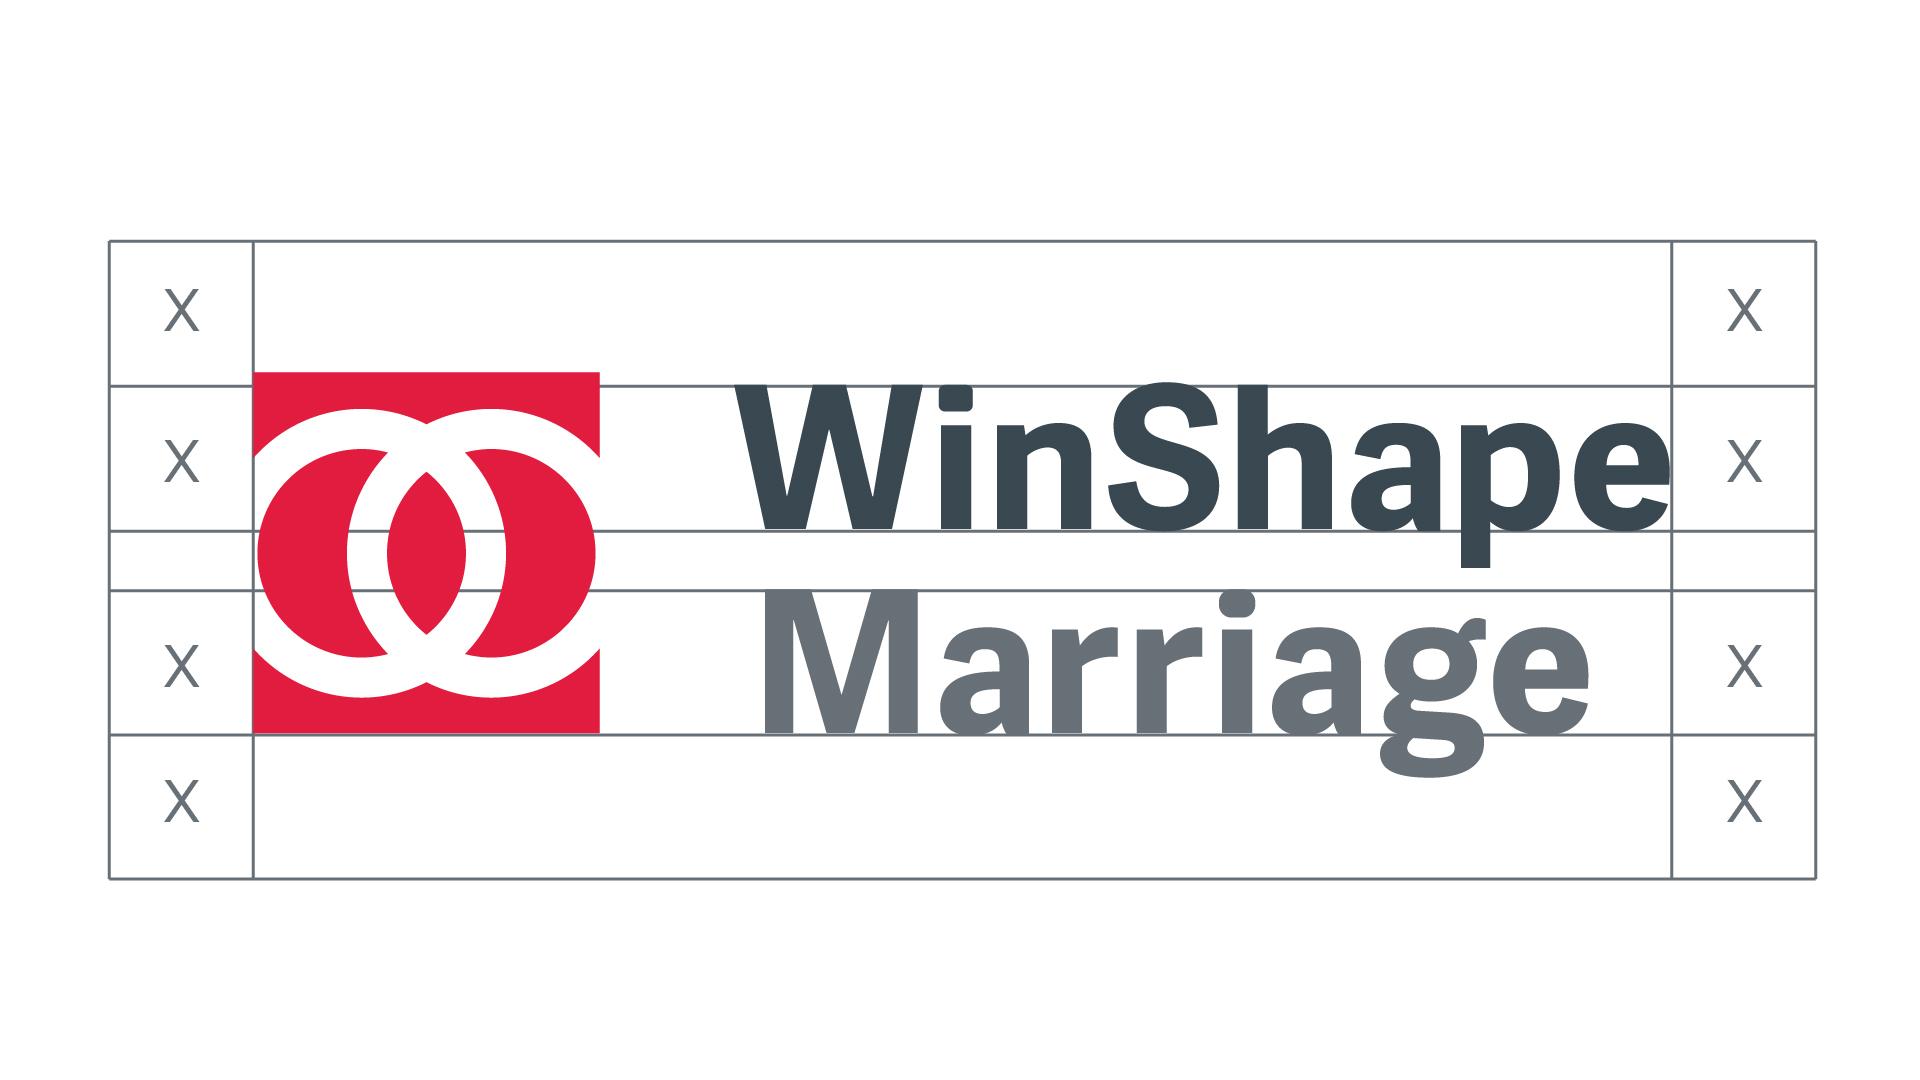 marriage1_artboard-19-copy-1572x-100